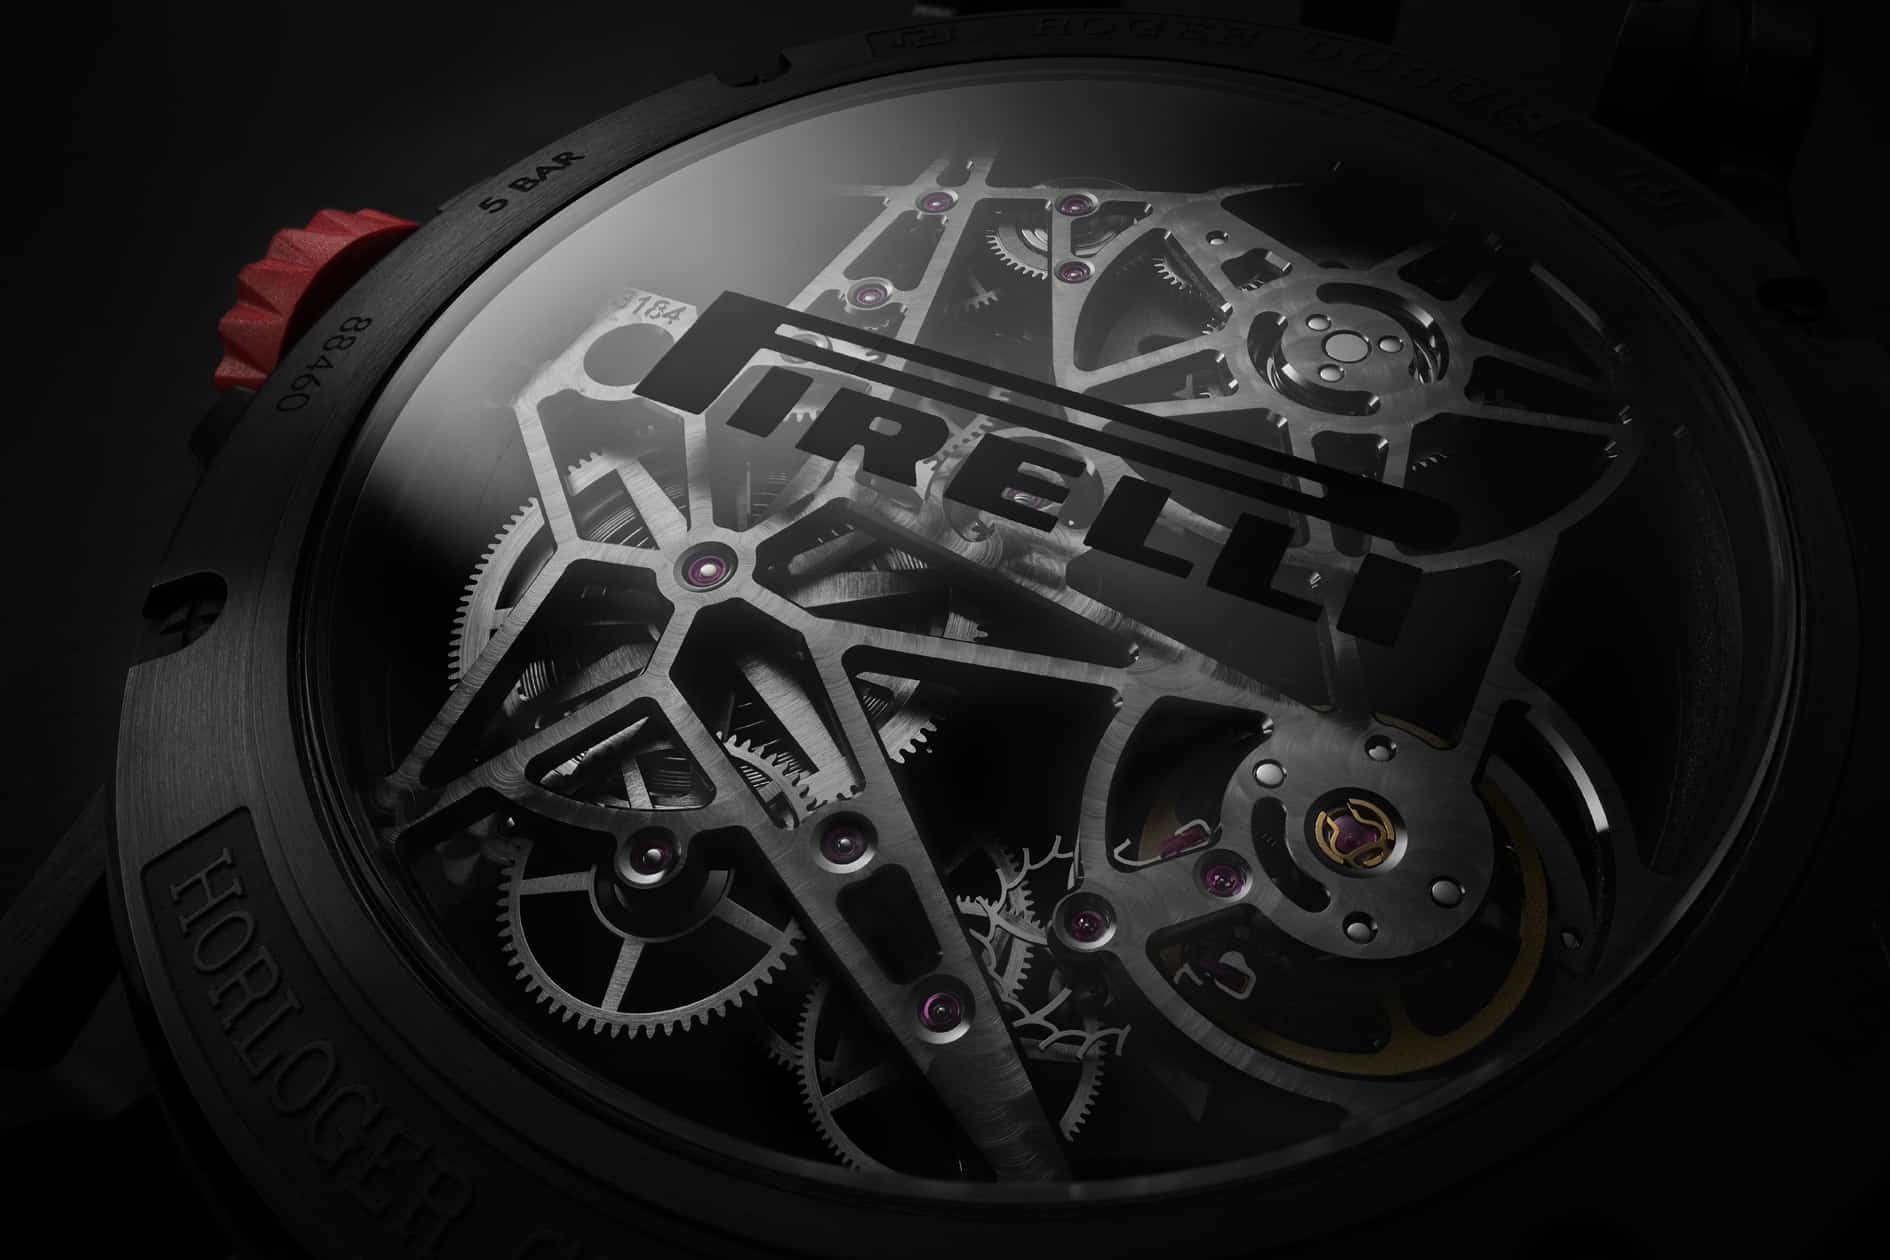 Pirelli Logo auf dem Saphirglas-Gehäuseboden der Roger Dubuis Excalibur Spider Pirelli MB